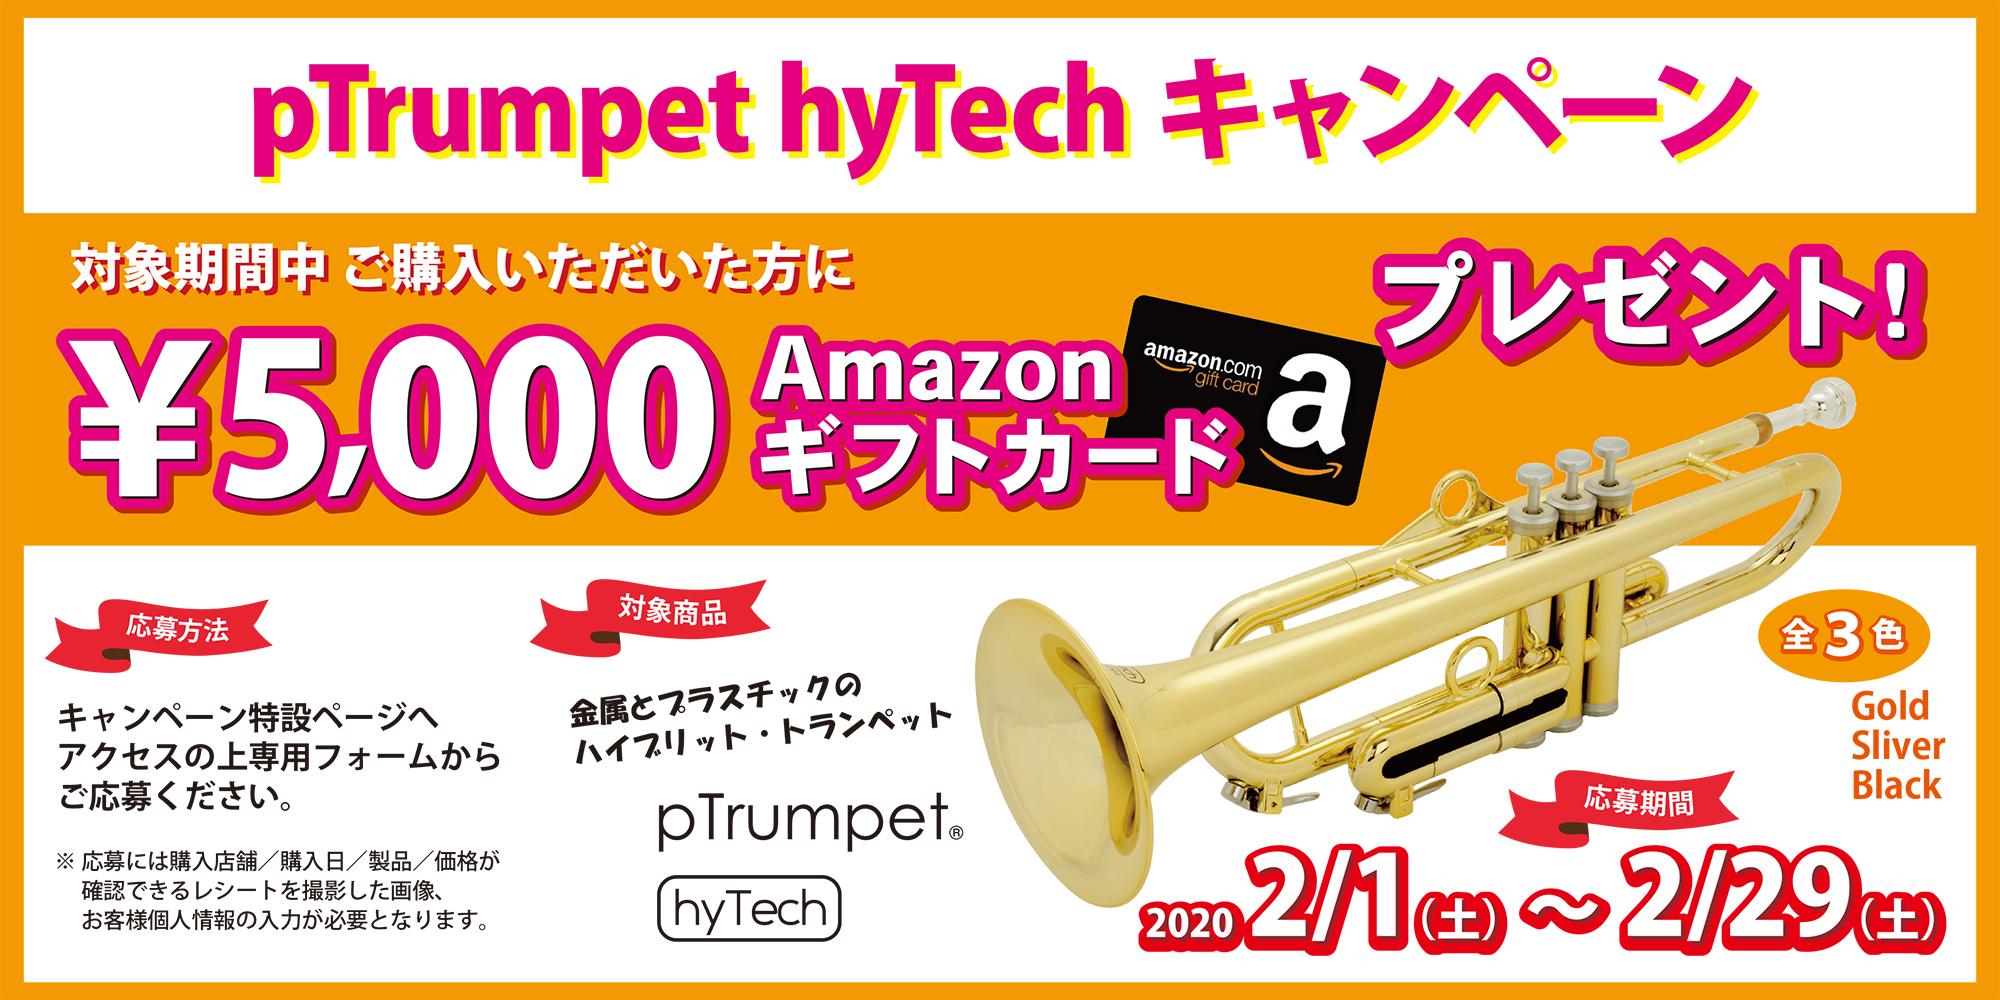 pTrumpet hyTech キャンペーン 2020